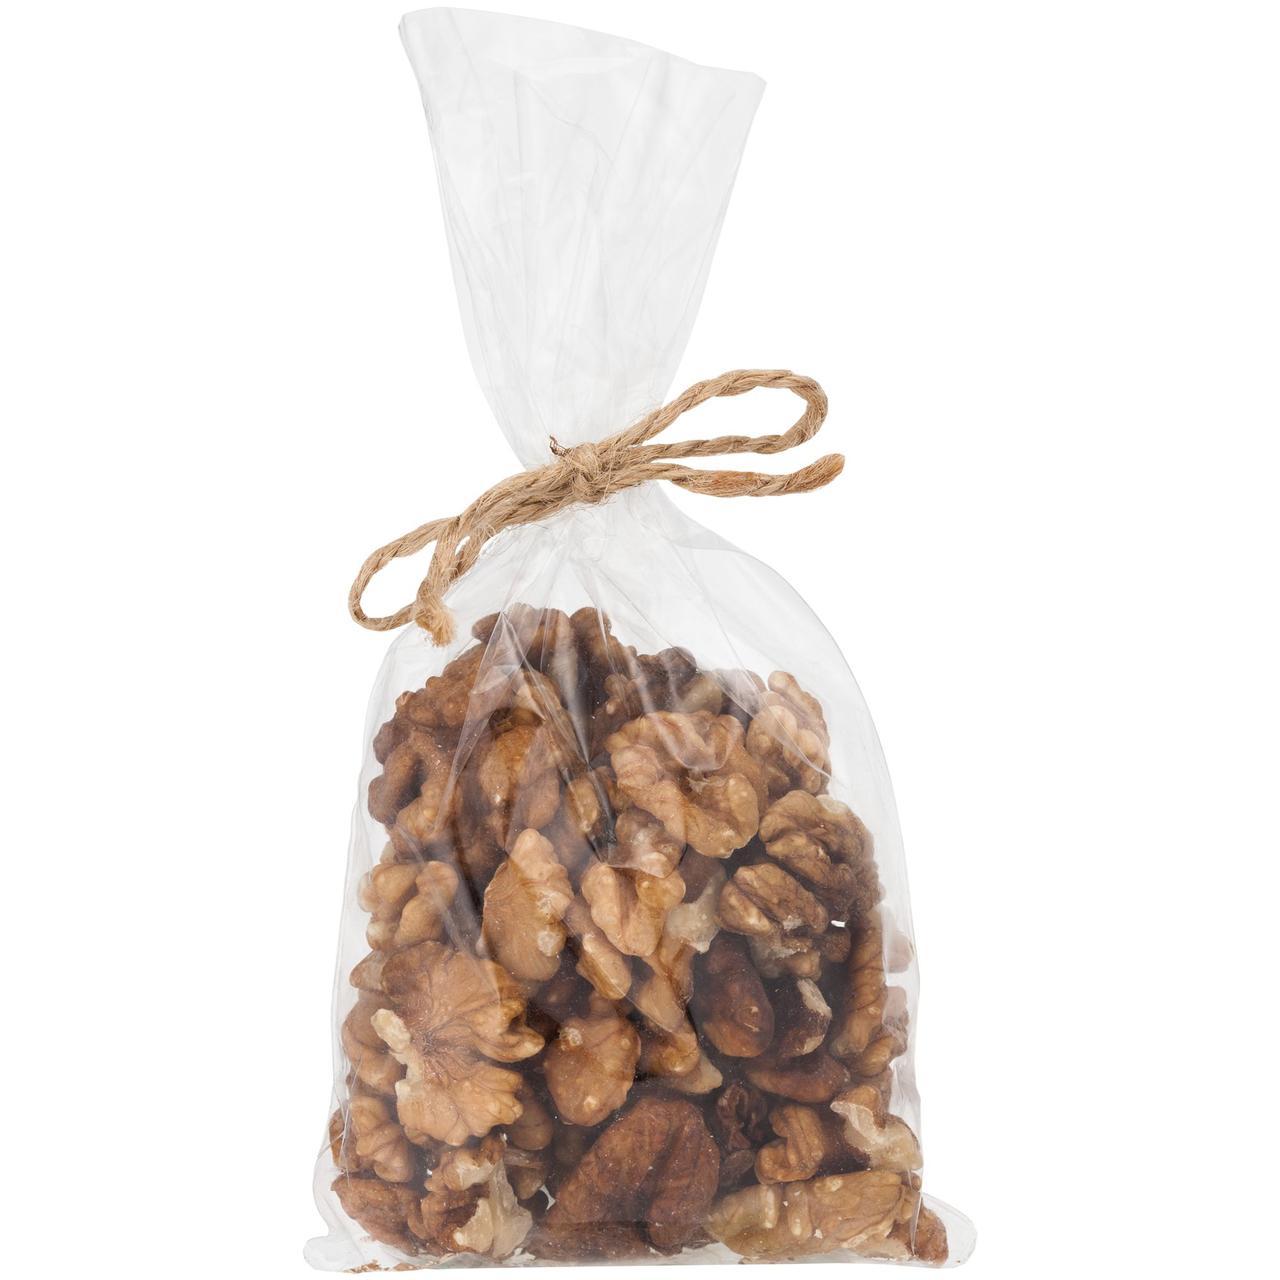 Грецкие орехи Brainy (артикул 11203)